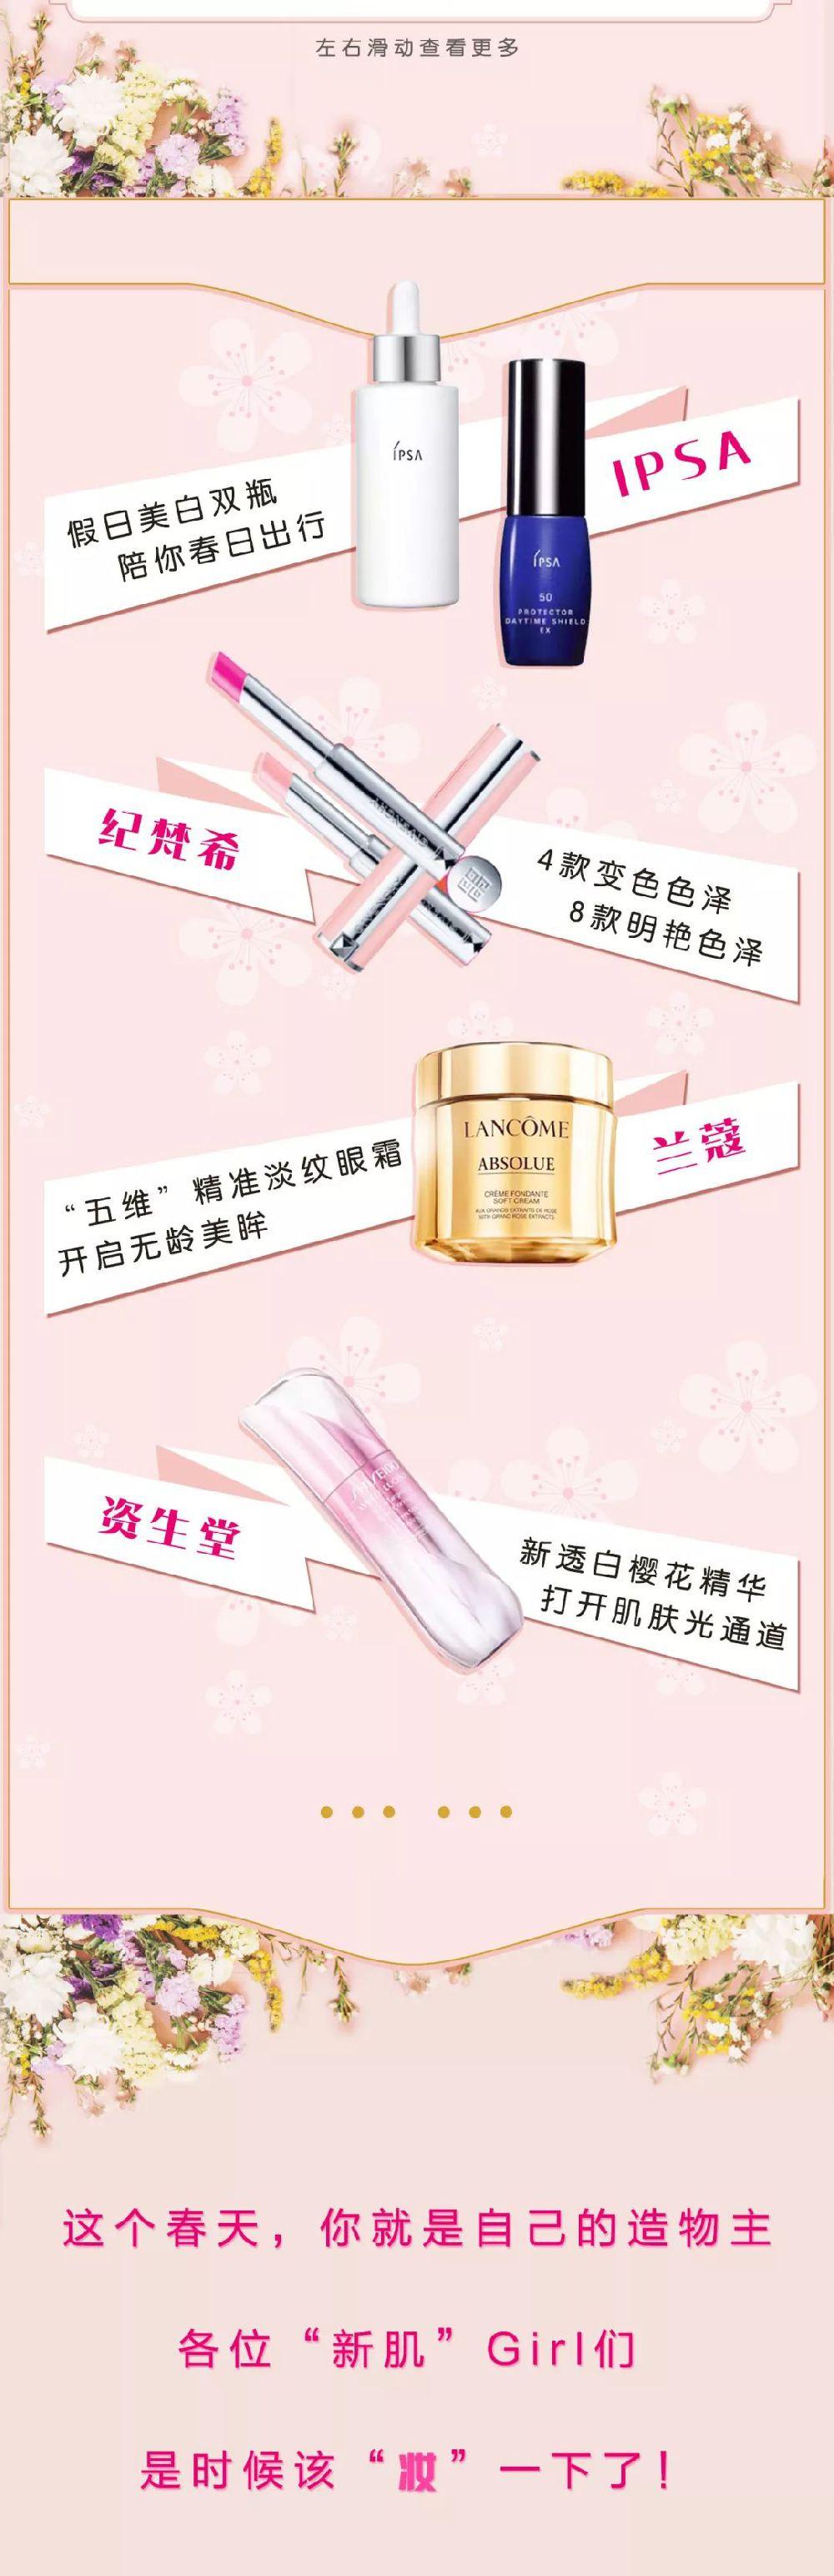 新世界城春季化妆节 一线化妆品满99减20